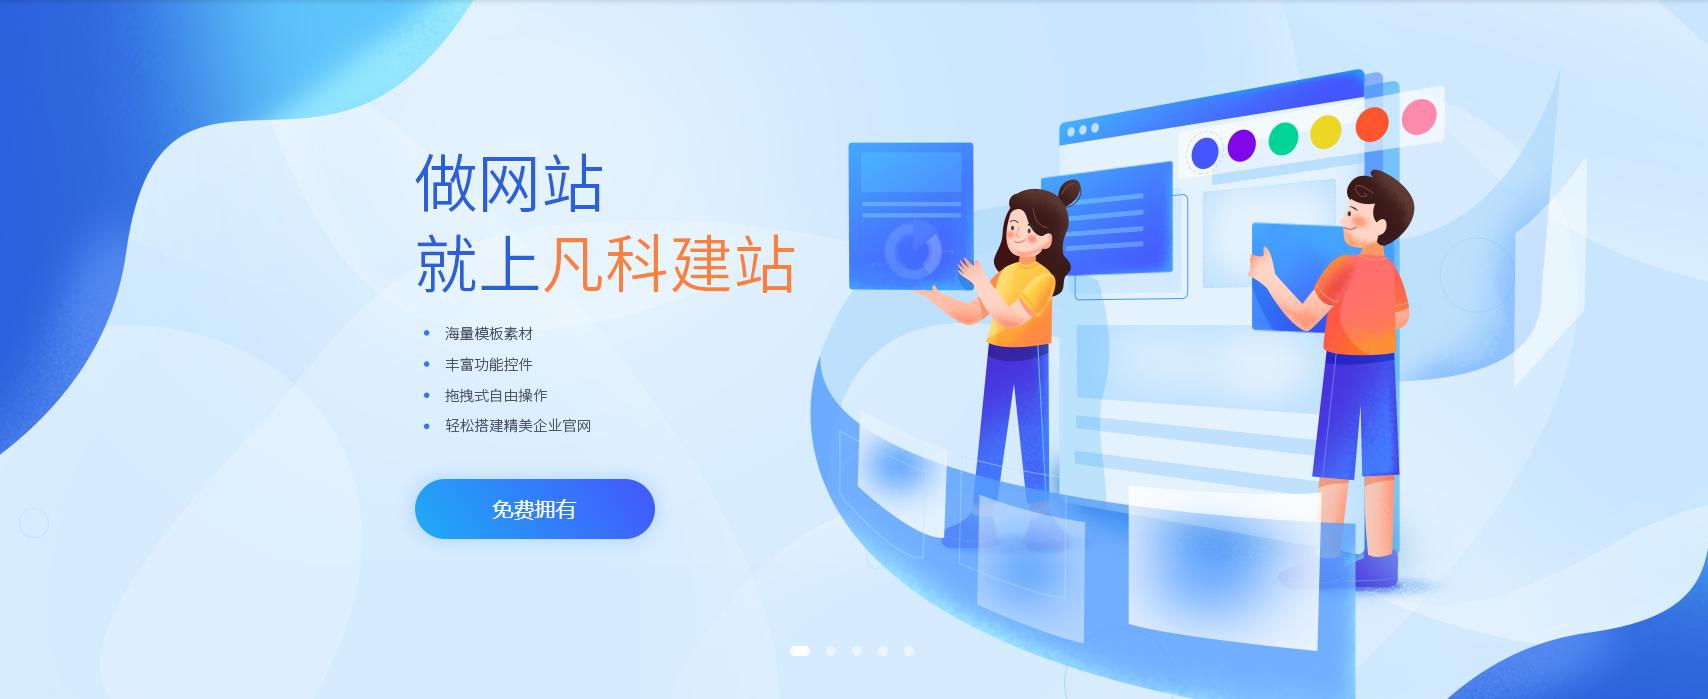 凡科自助建站平台中文化传媒类型个人网页模板